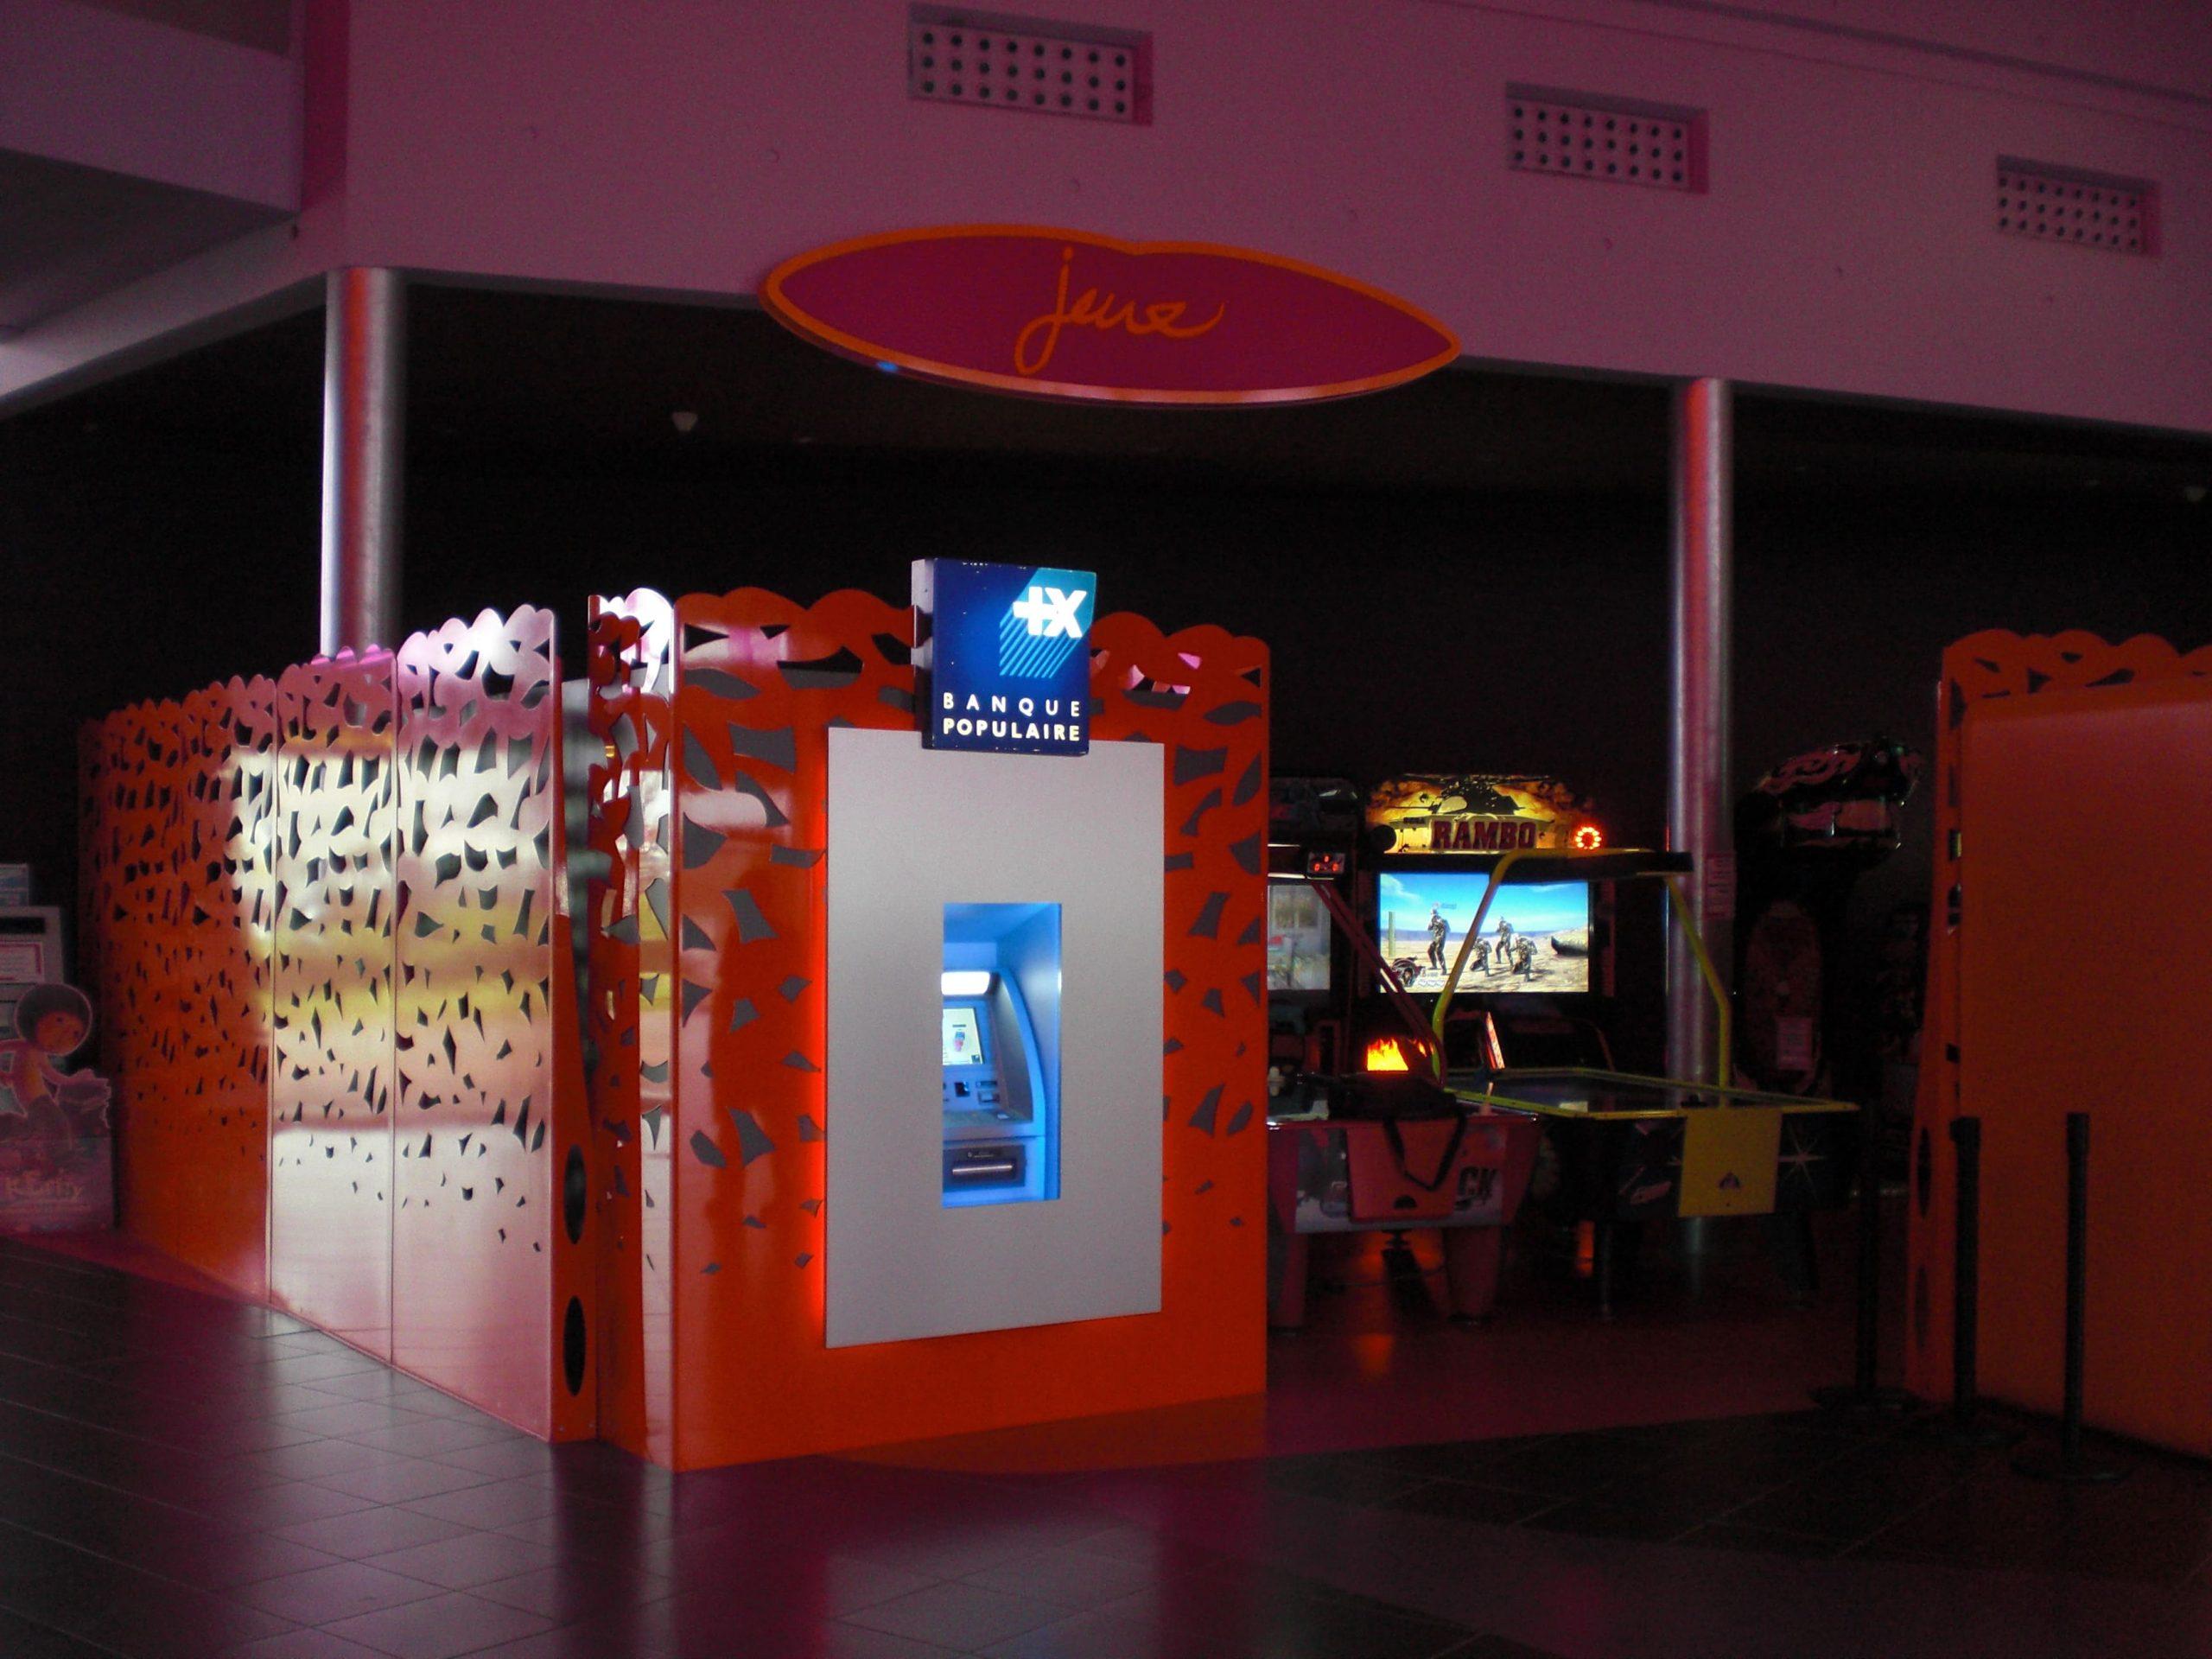 Vue de l'implémentation du distributeur de la Banque Populaire dans un cinéma à Labège